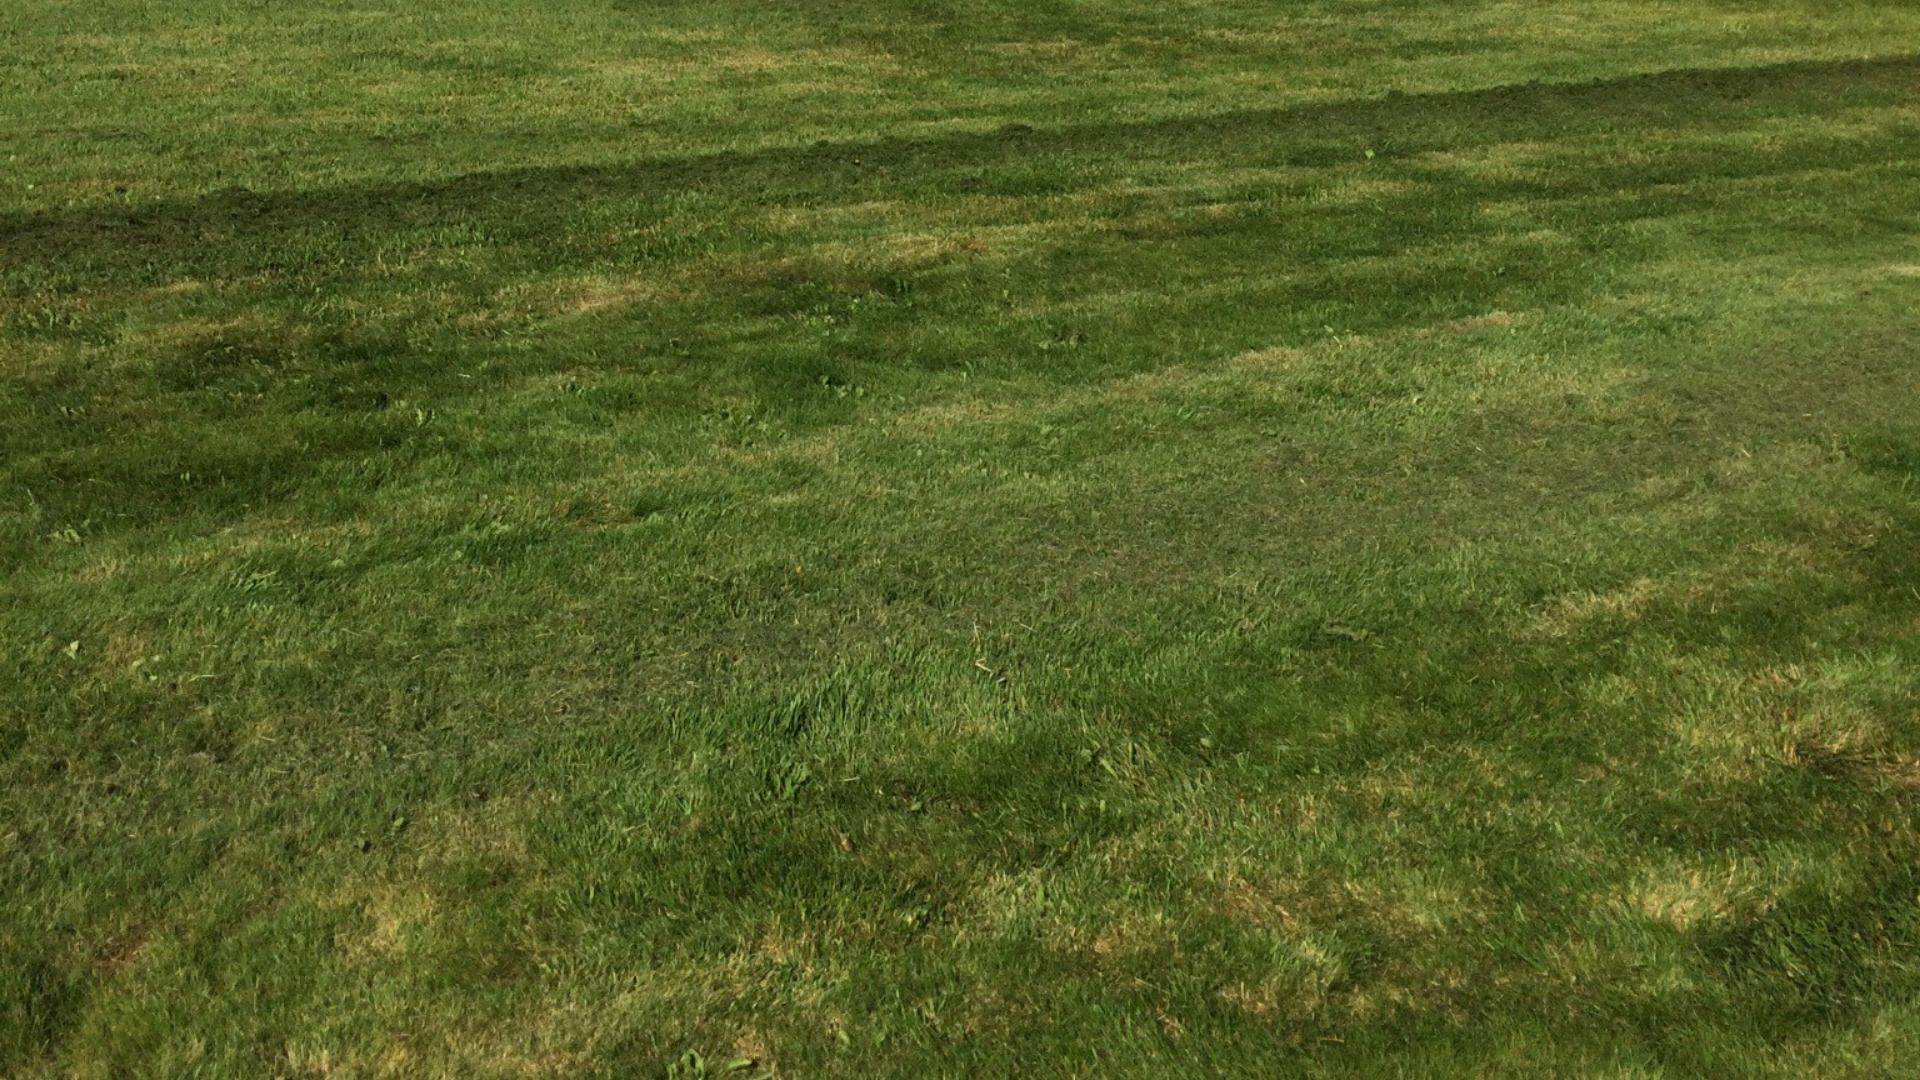 nýslegið gras